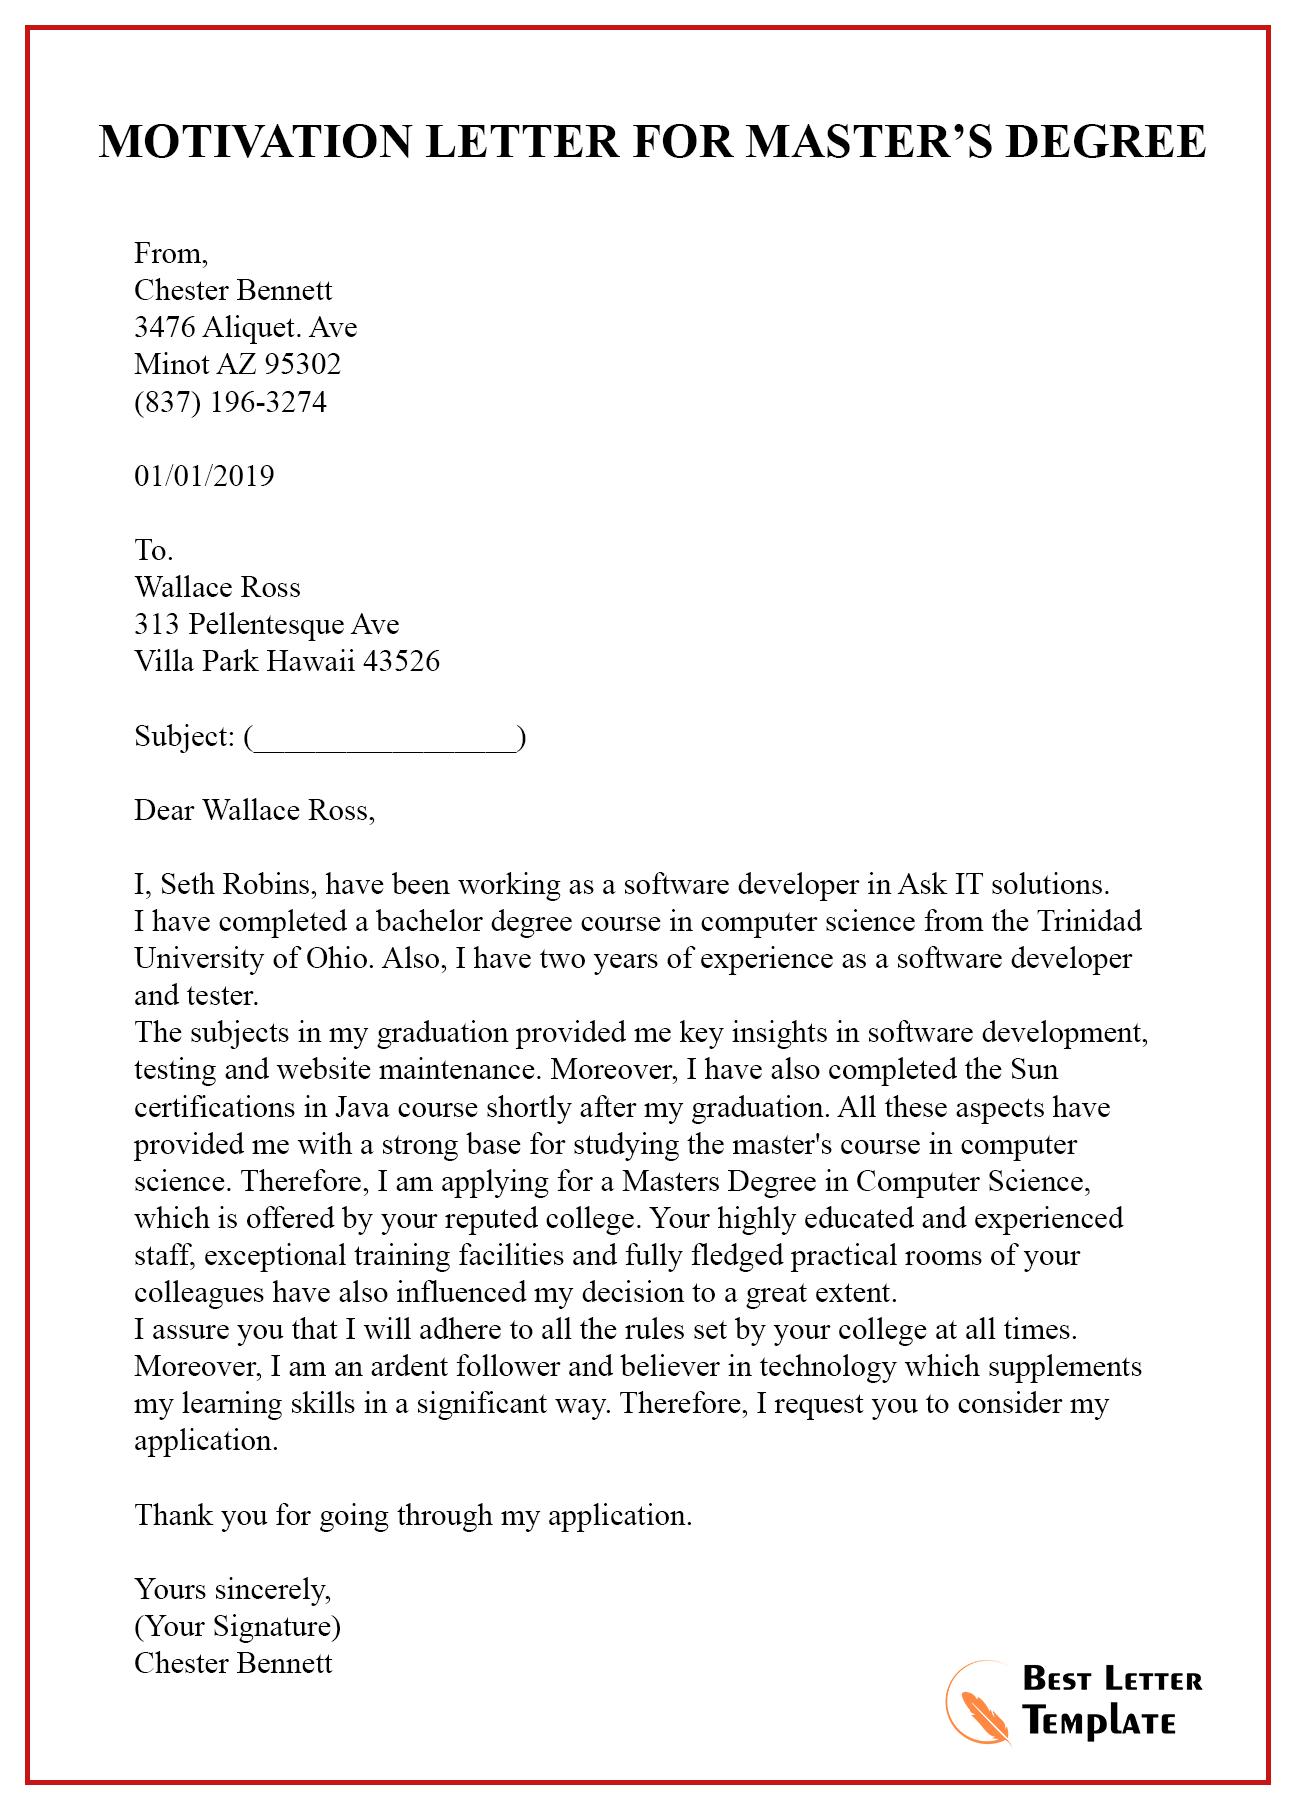 Aristotle 4 causes essay